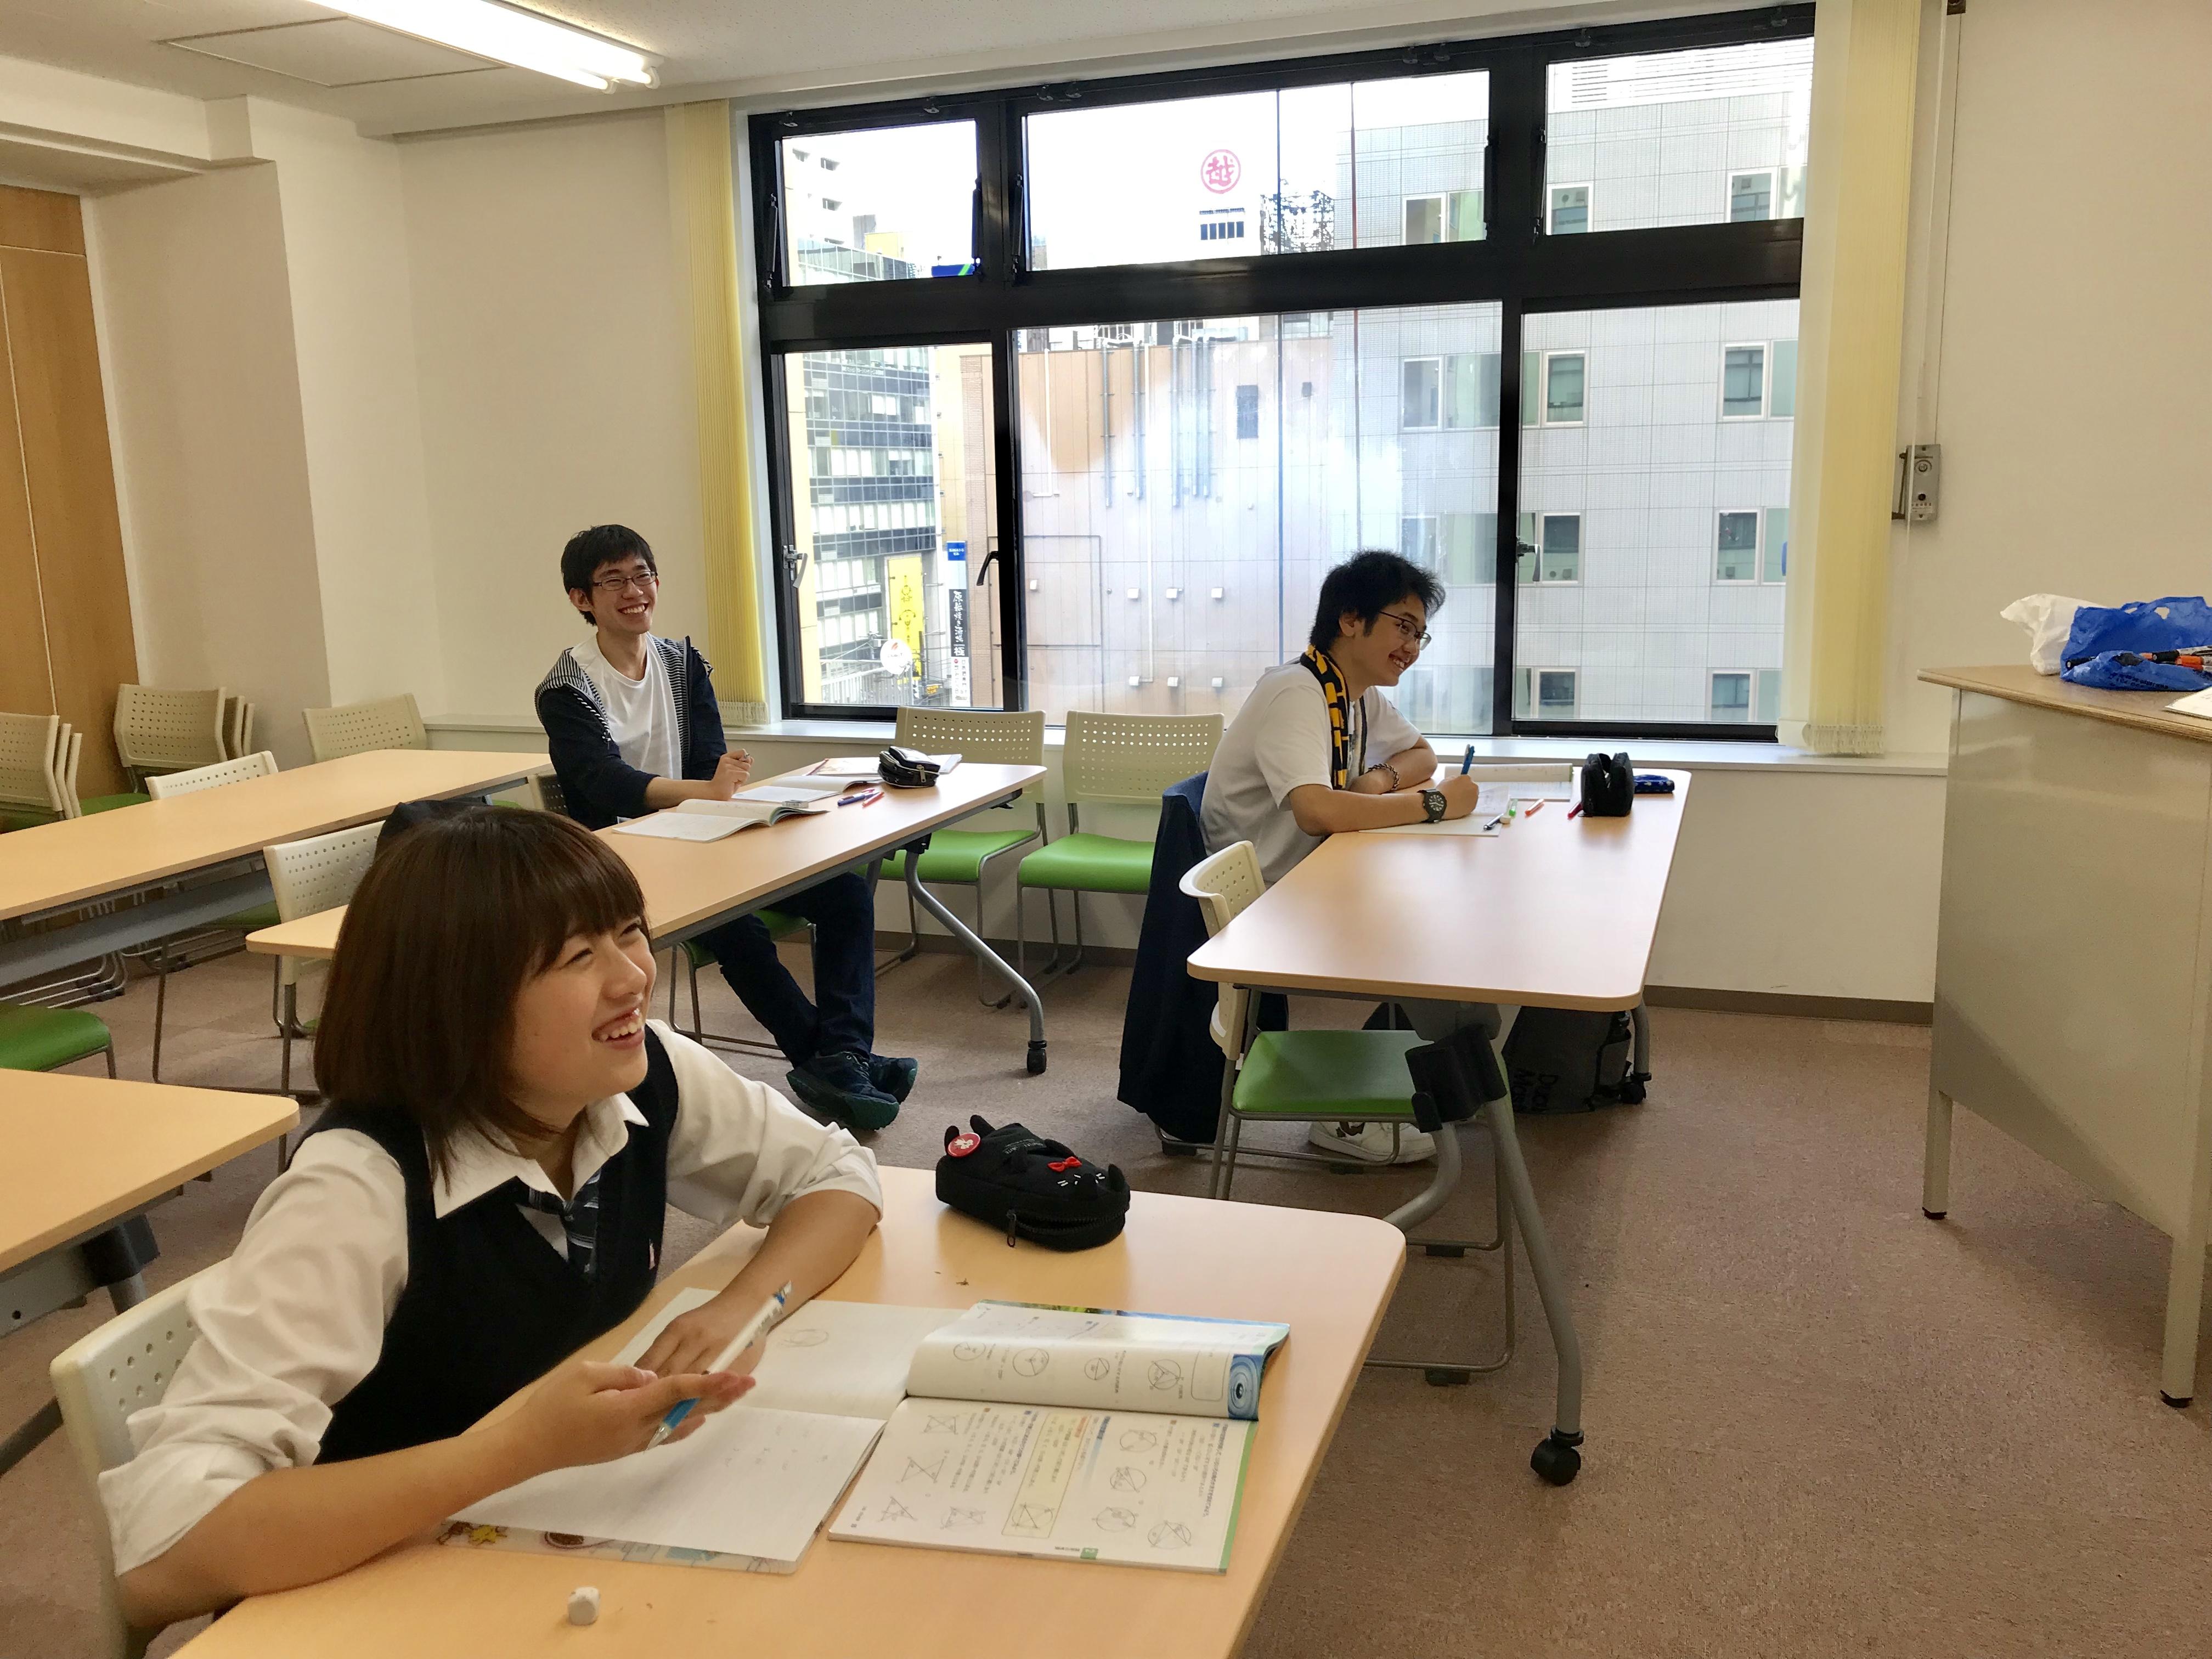 【札幌大通】転学・編入をお考えの皆さまへ☆個別相談会